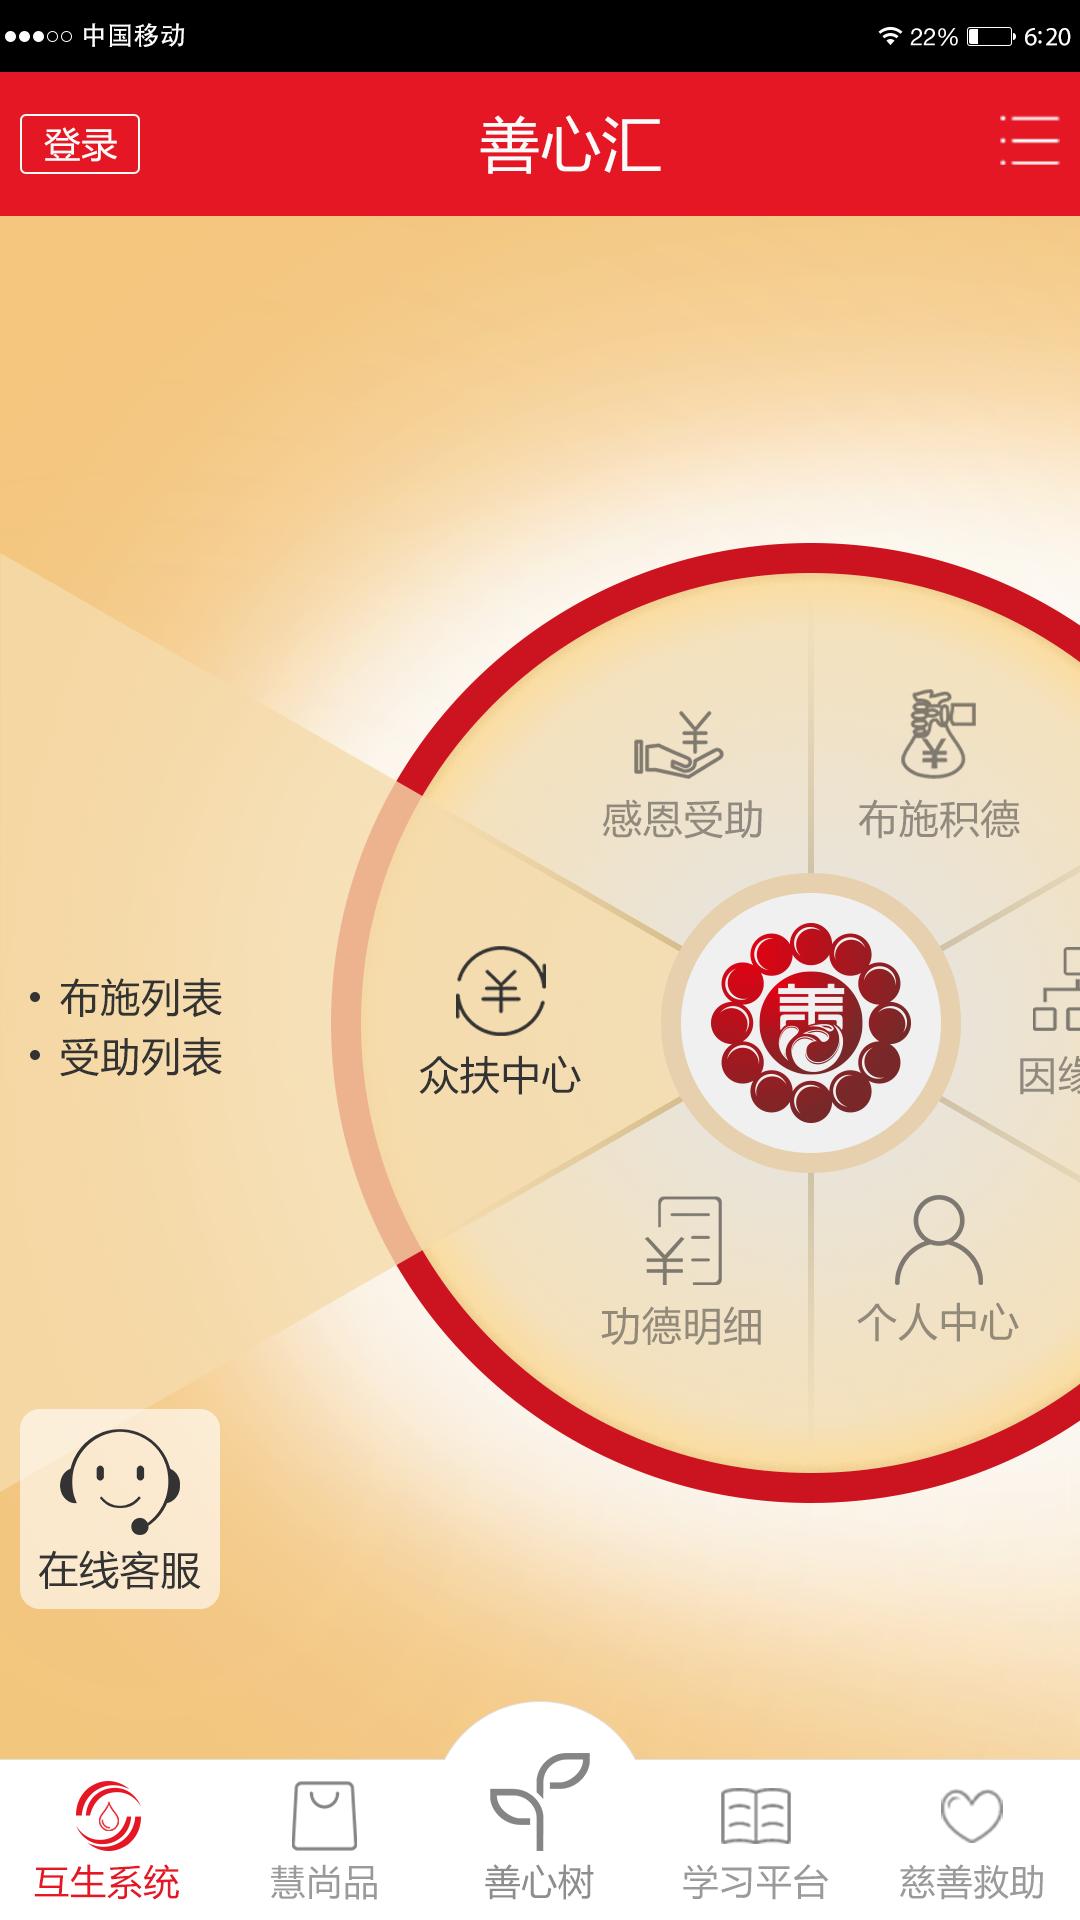 善心汇会员登录app官网软件下载图3: